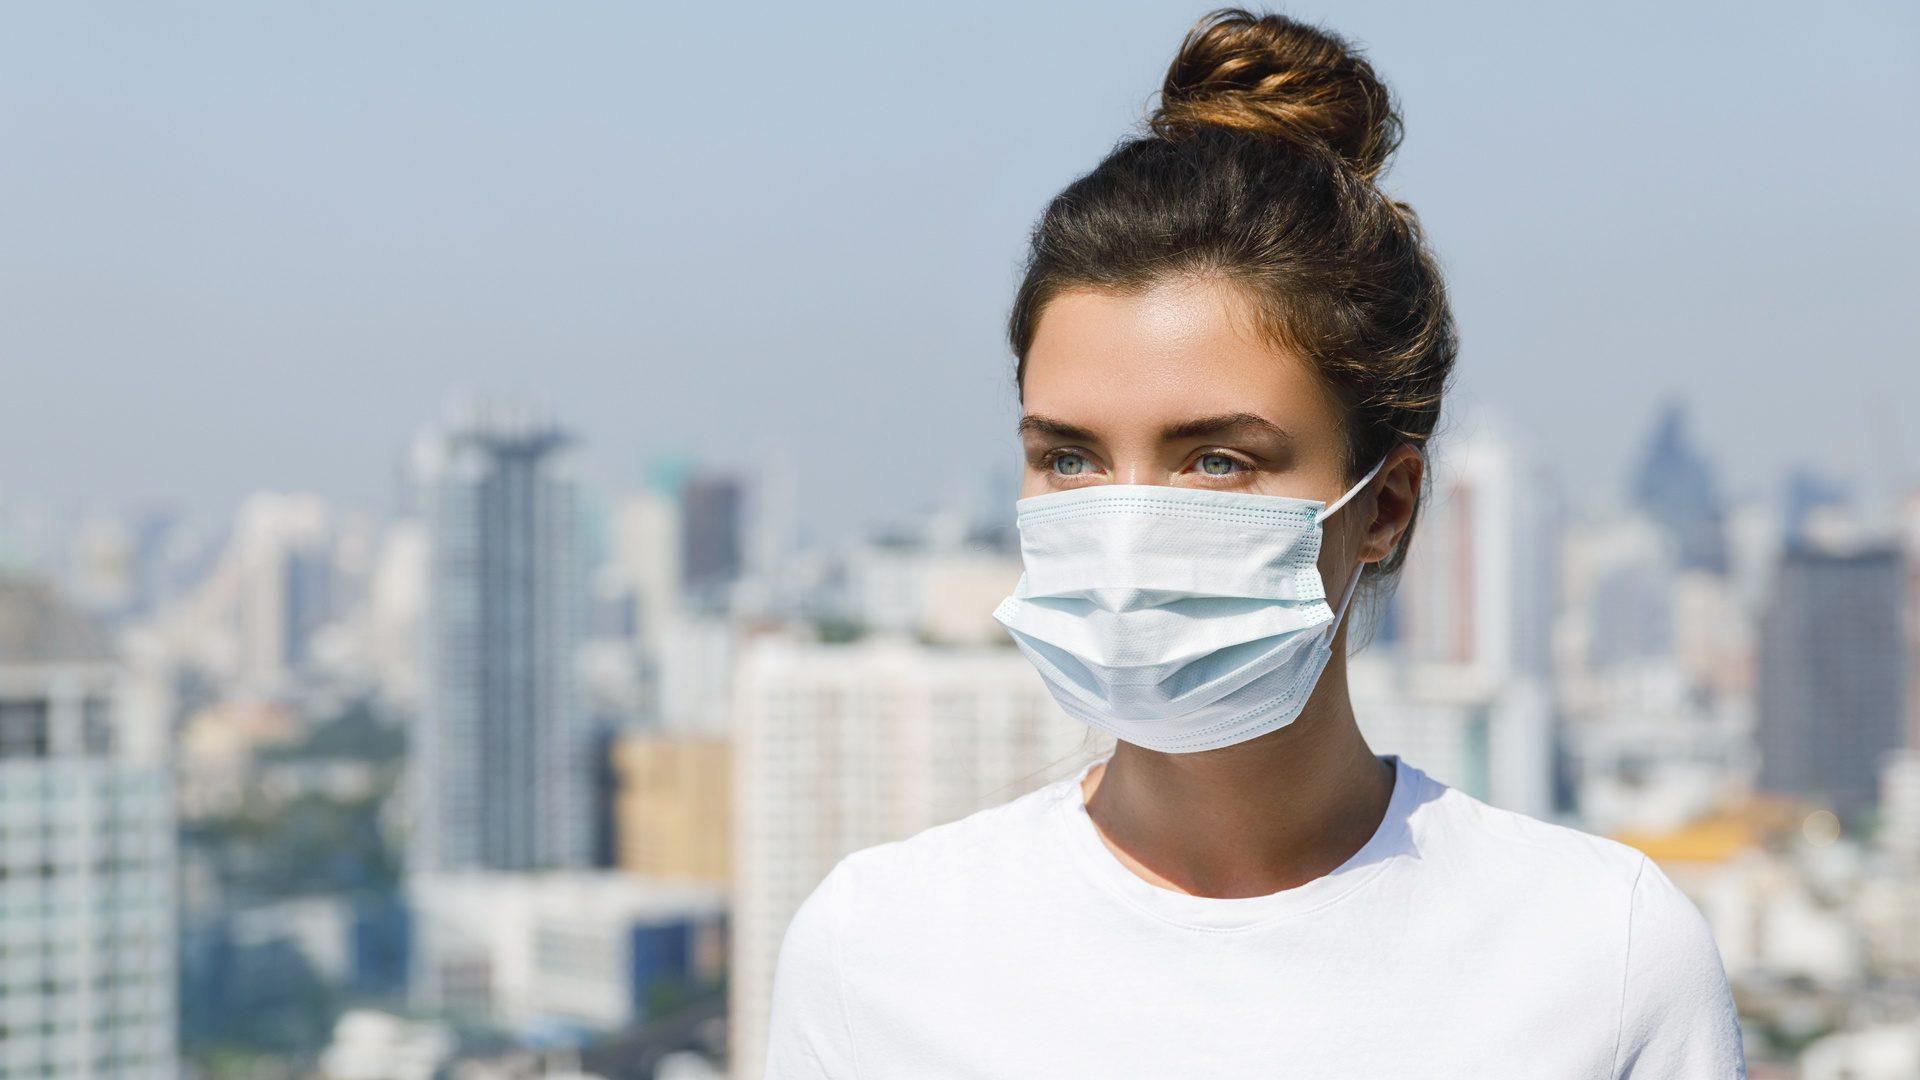 Биолог Нетесов назвал способ прервать эпидемию коронавируса в России